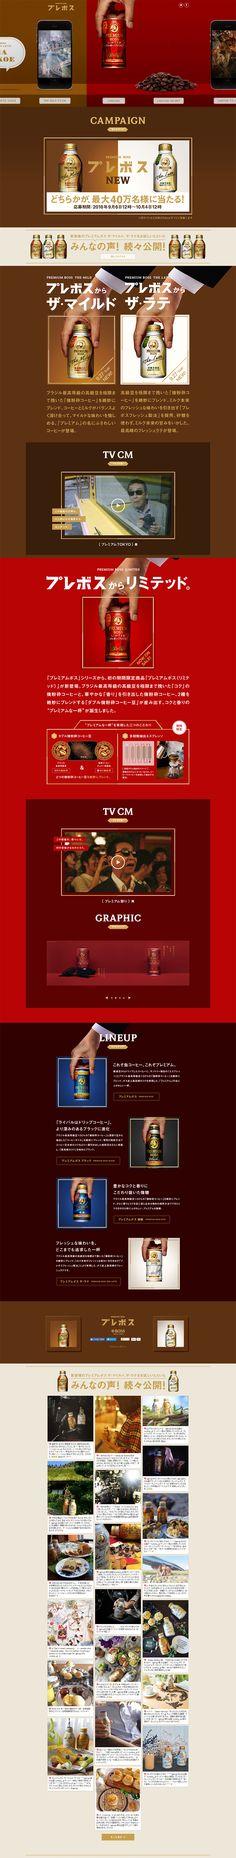 プレミアムBOSS【飲料・お酒関連】のLPデザイン。WEBデザイナーさん必見!ランディングページのデザイン参考に(キレイ系)